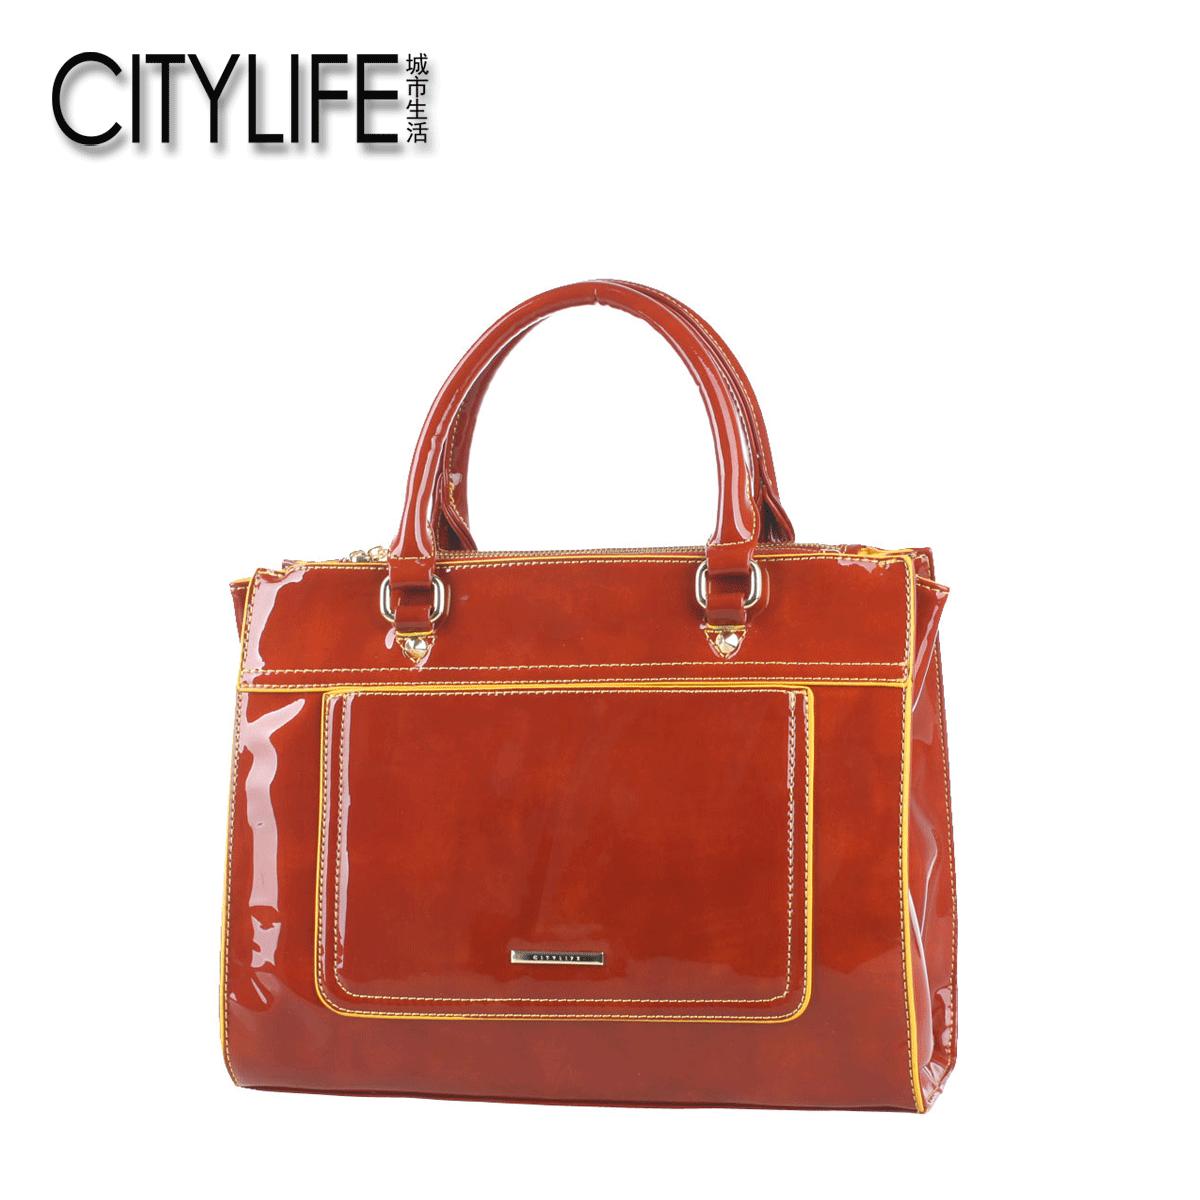 【售�r99】CITYLIFE城市生活 漆皮手提亮皮OL��I女包通勤包